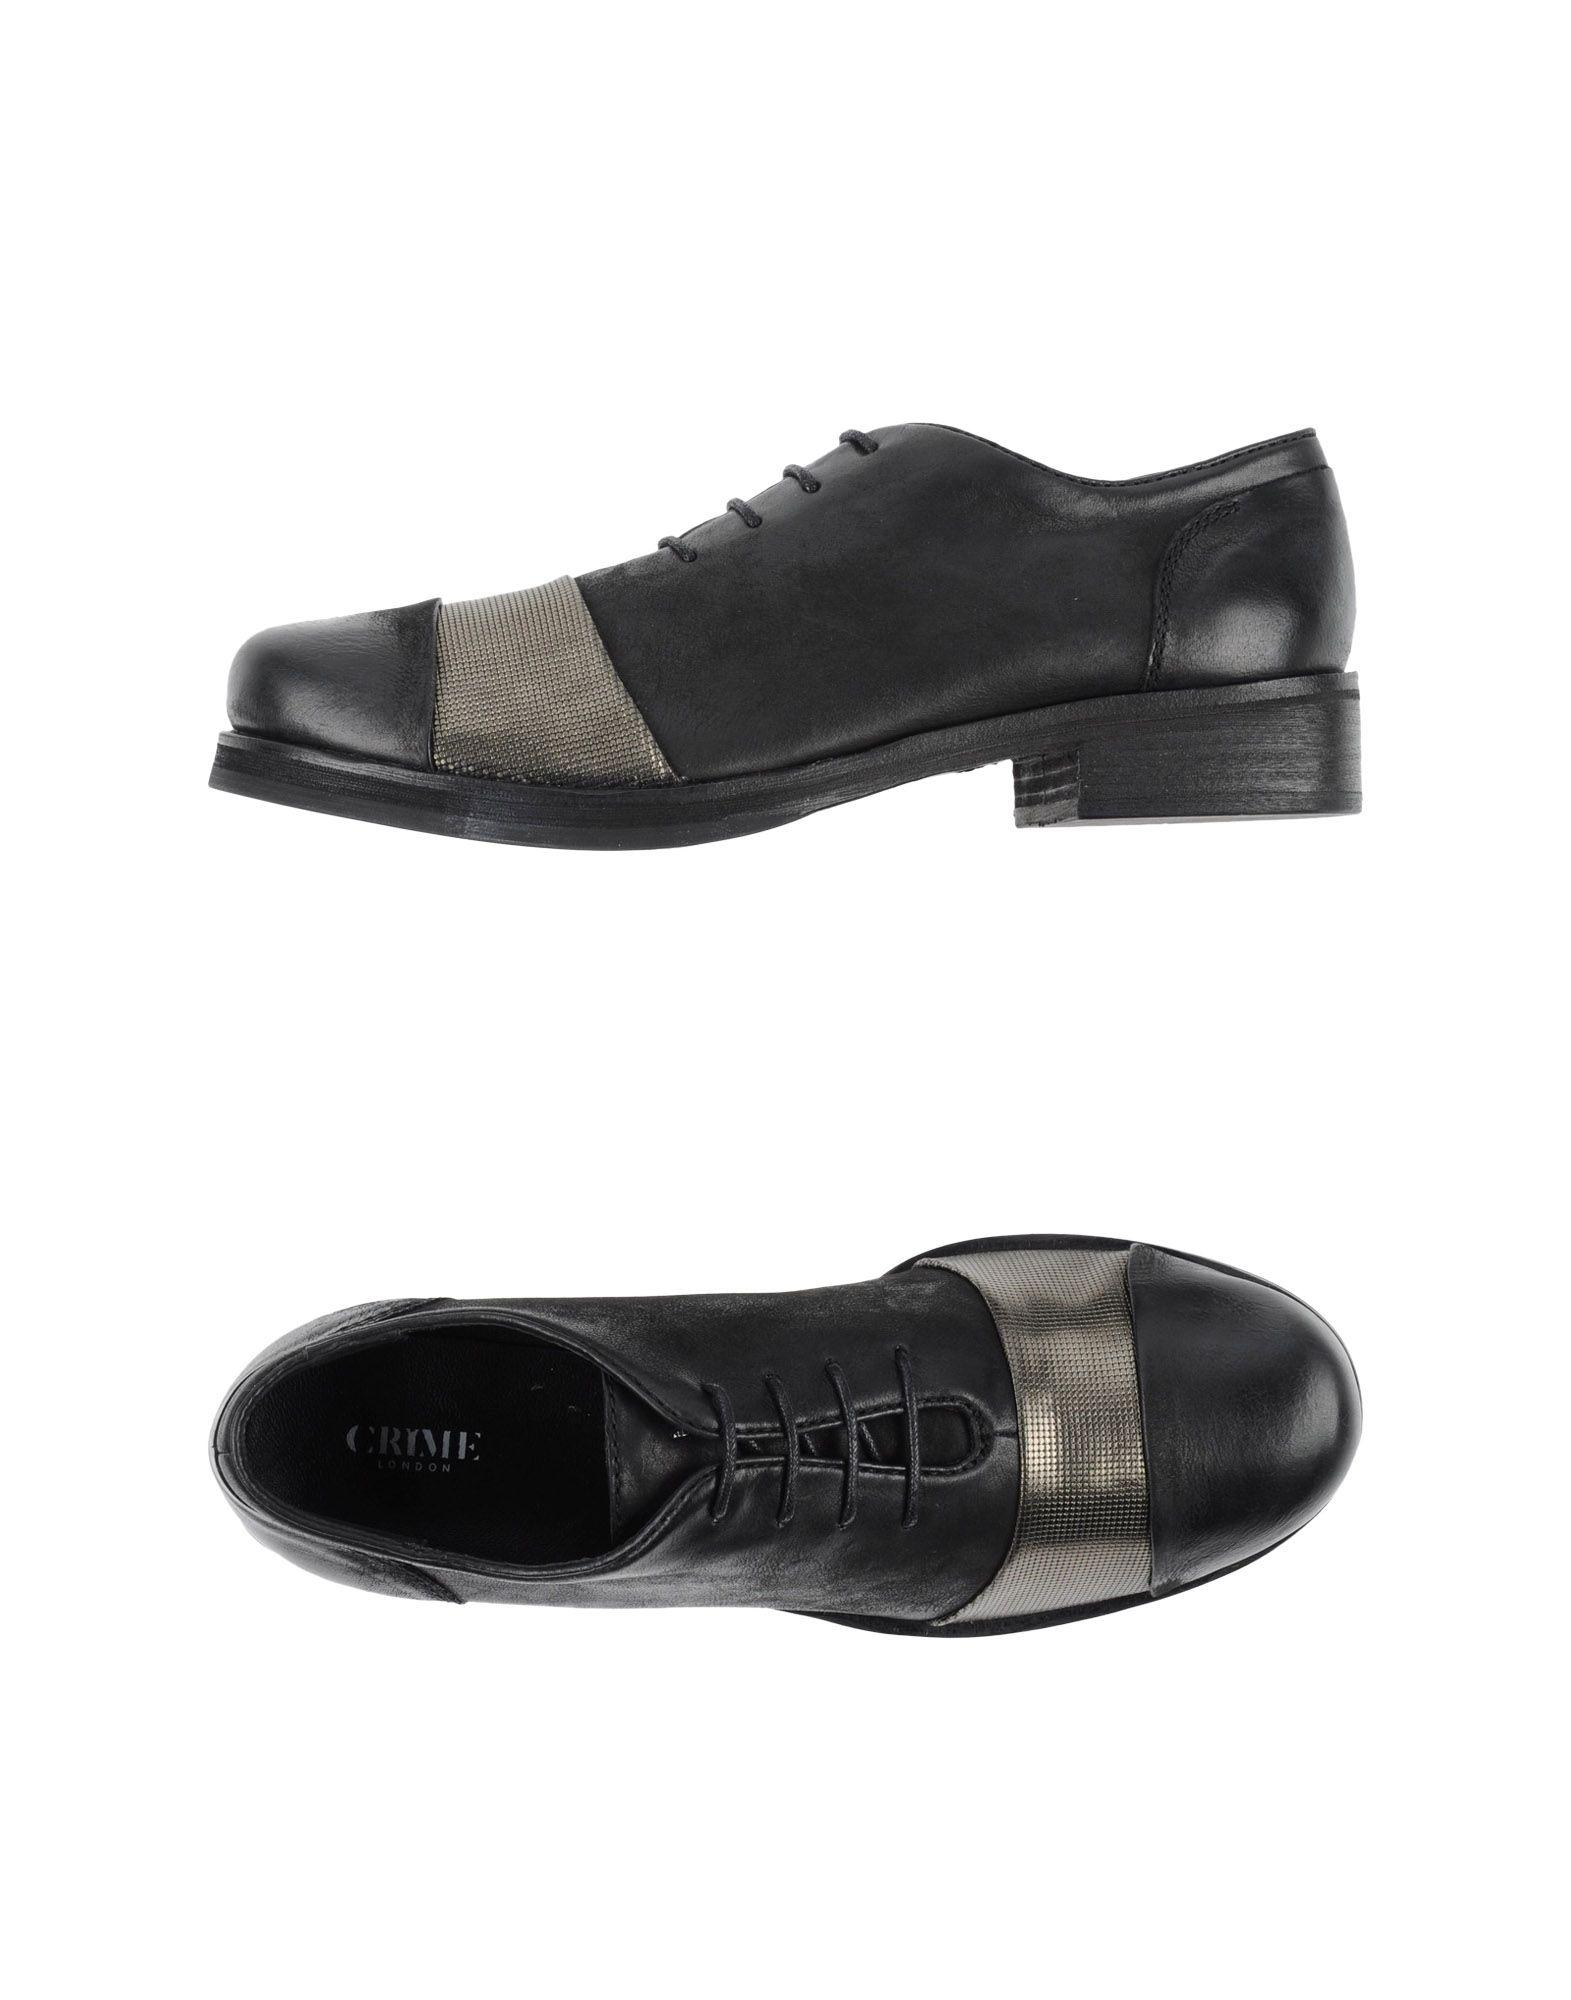 Crime London Schnürschuhe Damen  44815264BD Gute Qualität beliebte Schuhe Schuhe beliebte d731b4